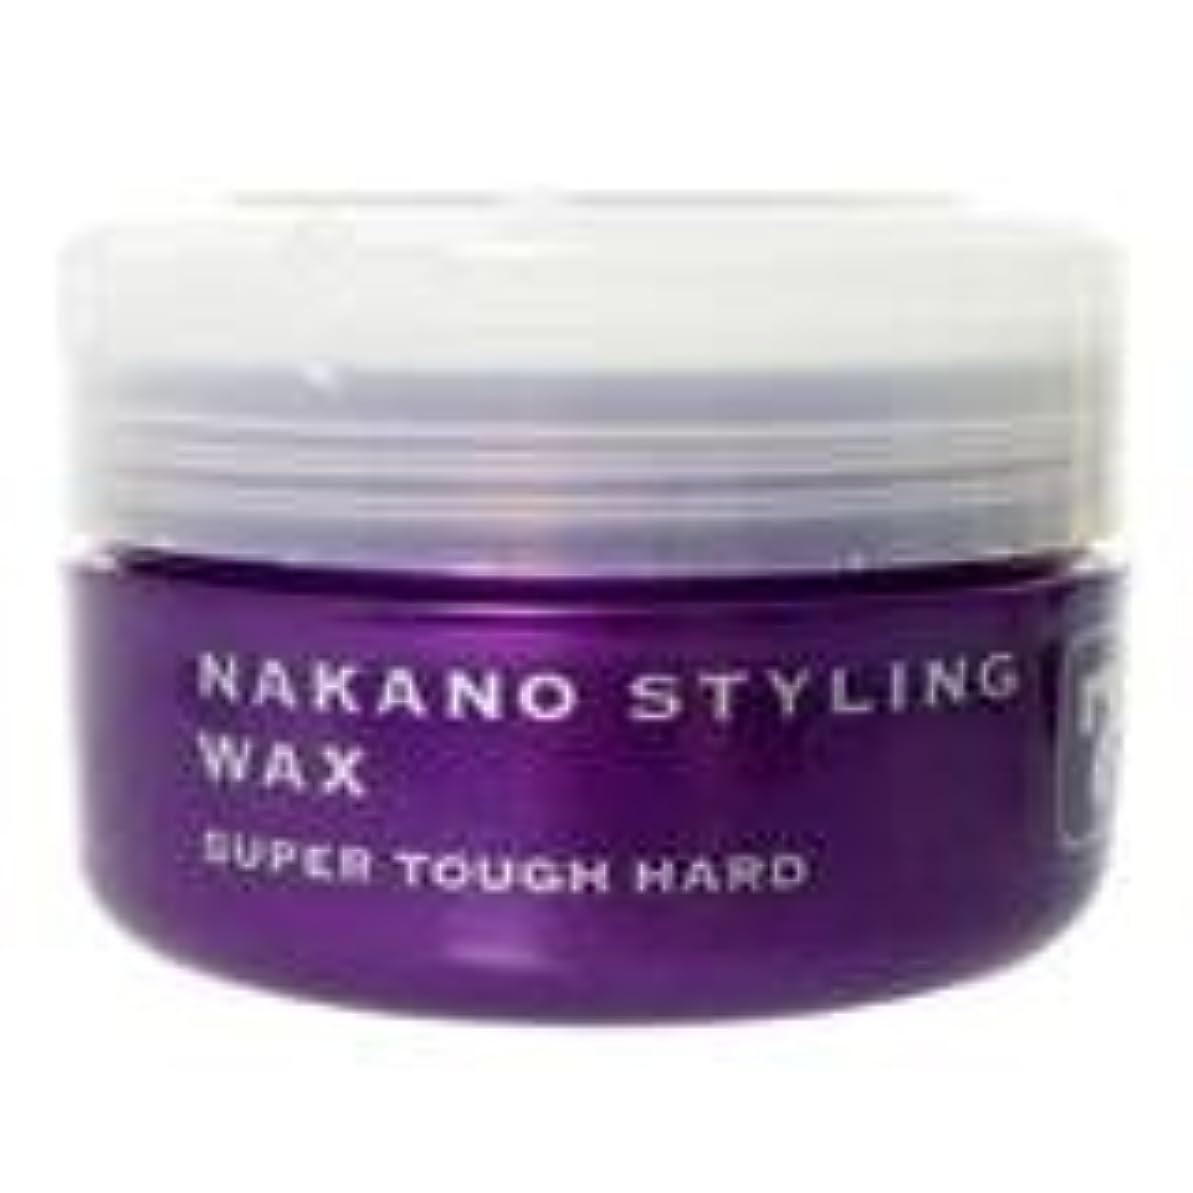 大腿壮大なフェローシップナカノ スタイリングワックス 7 スーパータフハード 90g 中野製薬 NAKANO